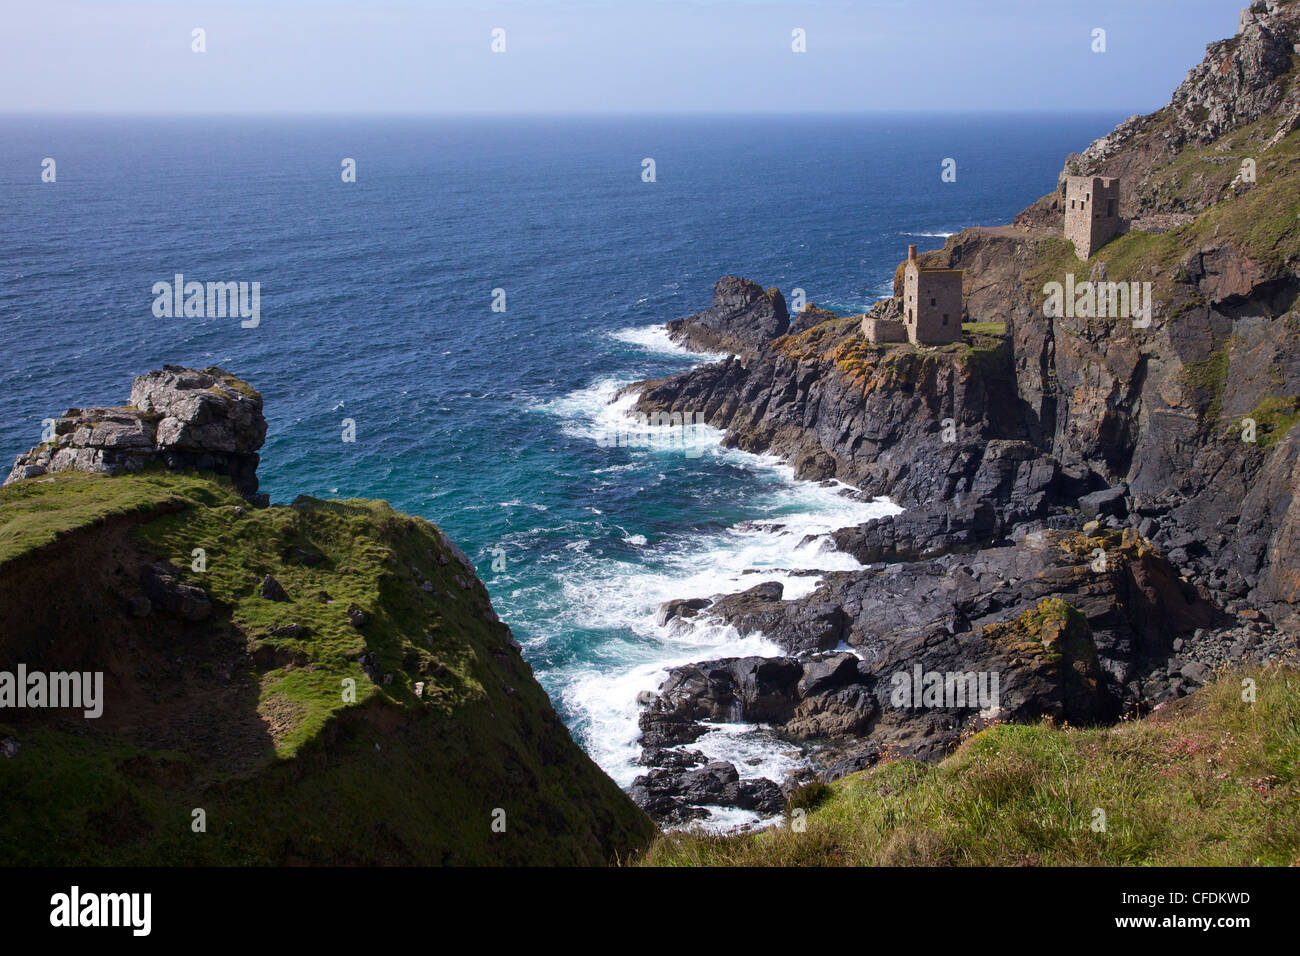 Botallack Kronen Zinnmine, in der Nähe von St. Just, Cornwall, England, Vereinigtes Königreich, Europa Stockbild